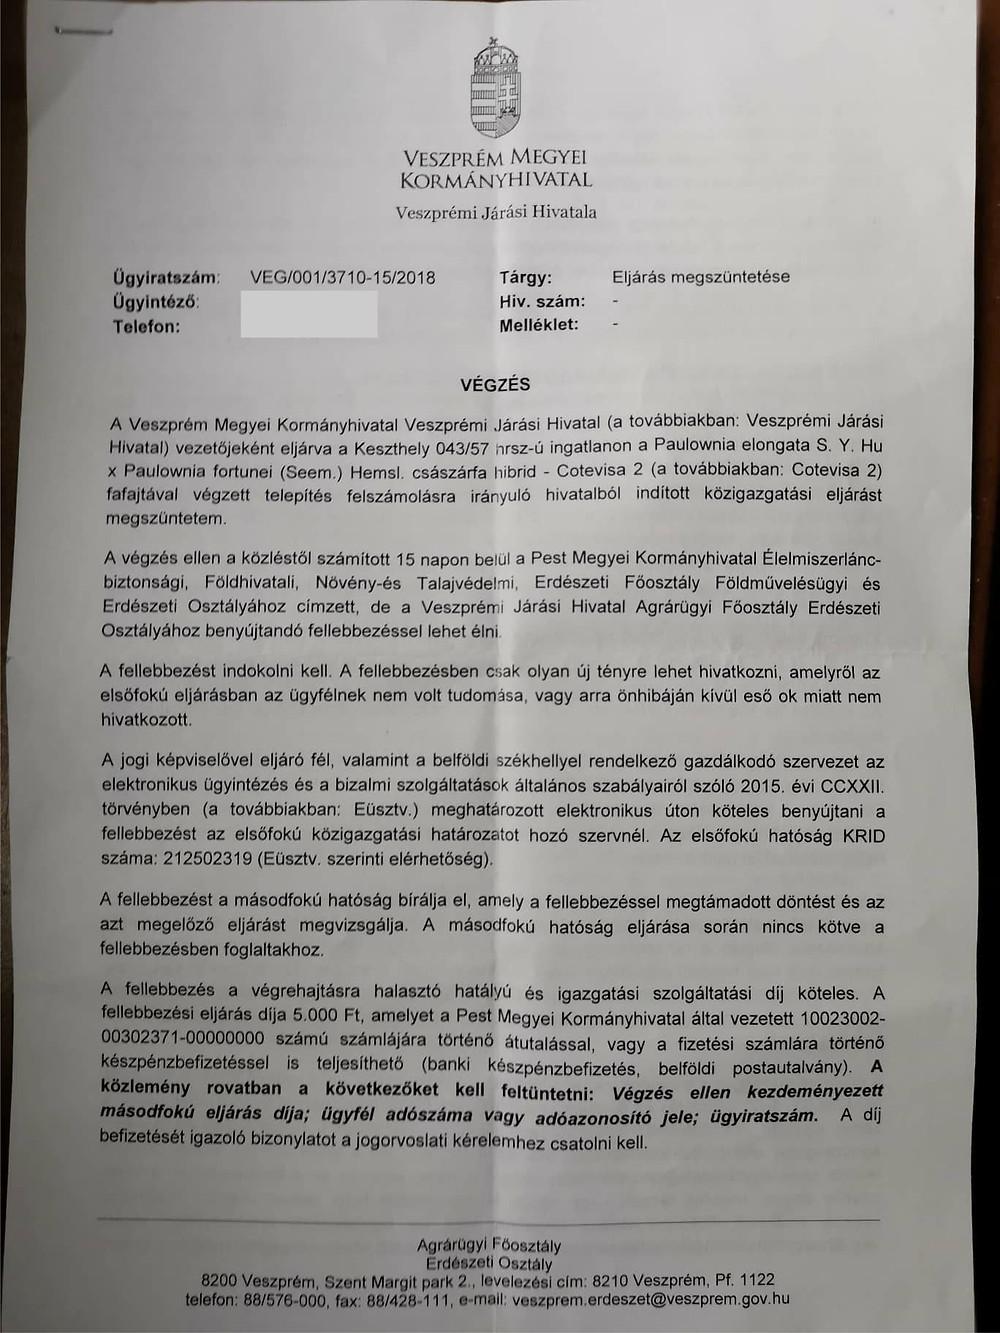 Cotevisa 2 ipari császárfa bírósági határozat